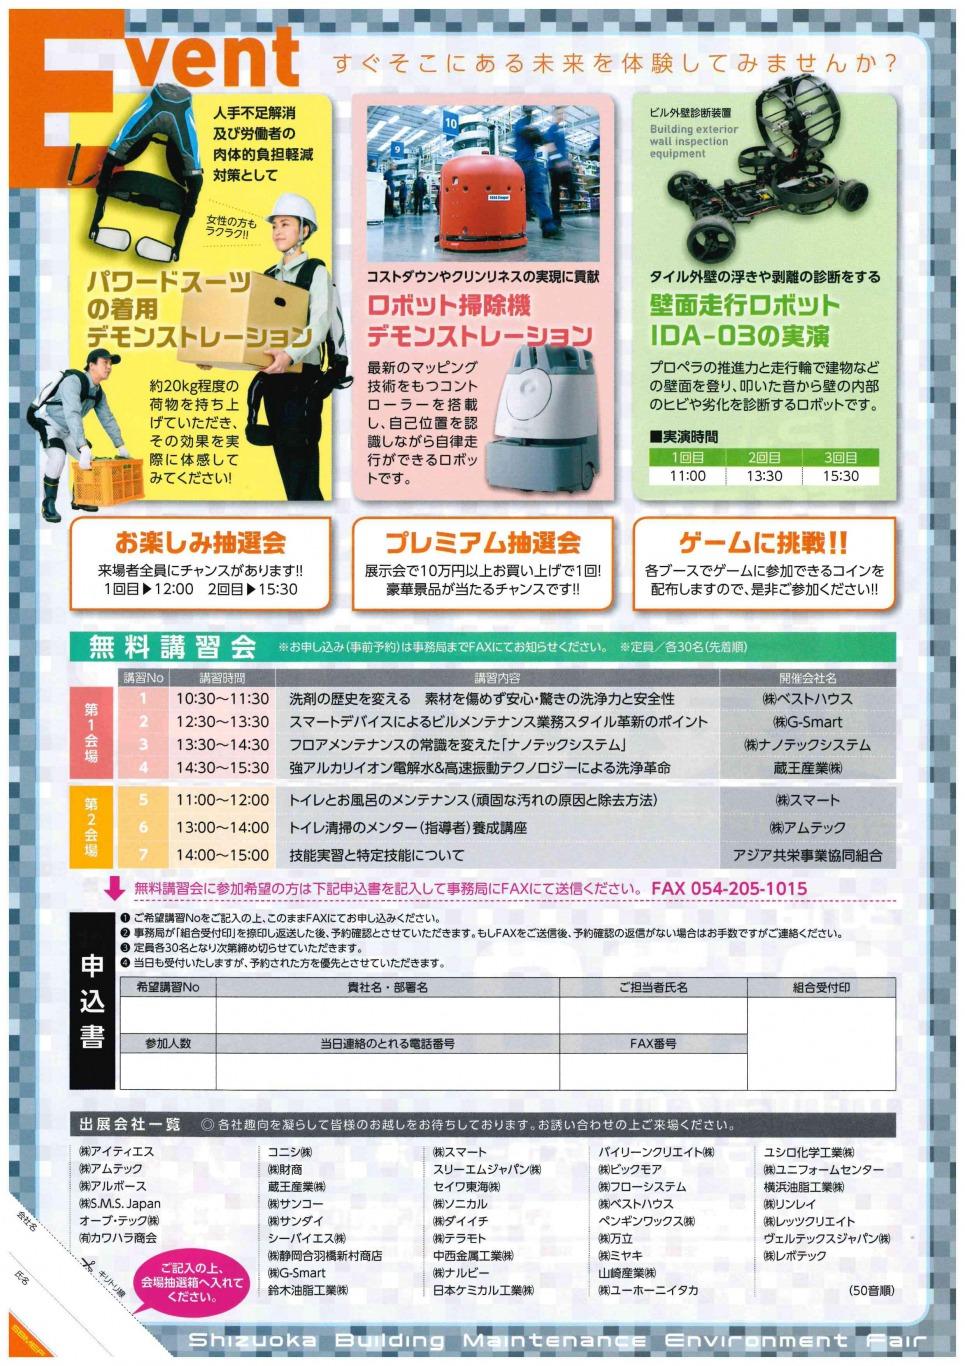 「第12回静岡ビルメンテナンス環境フェア」開催のご案内